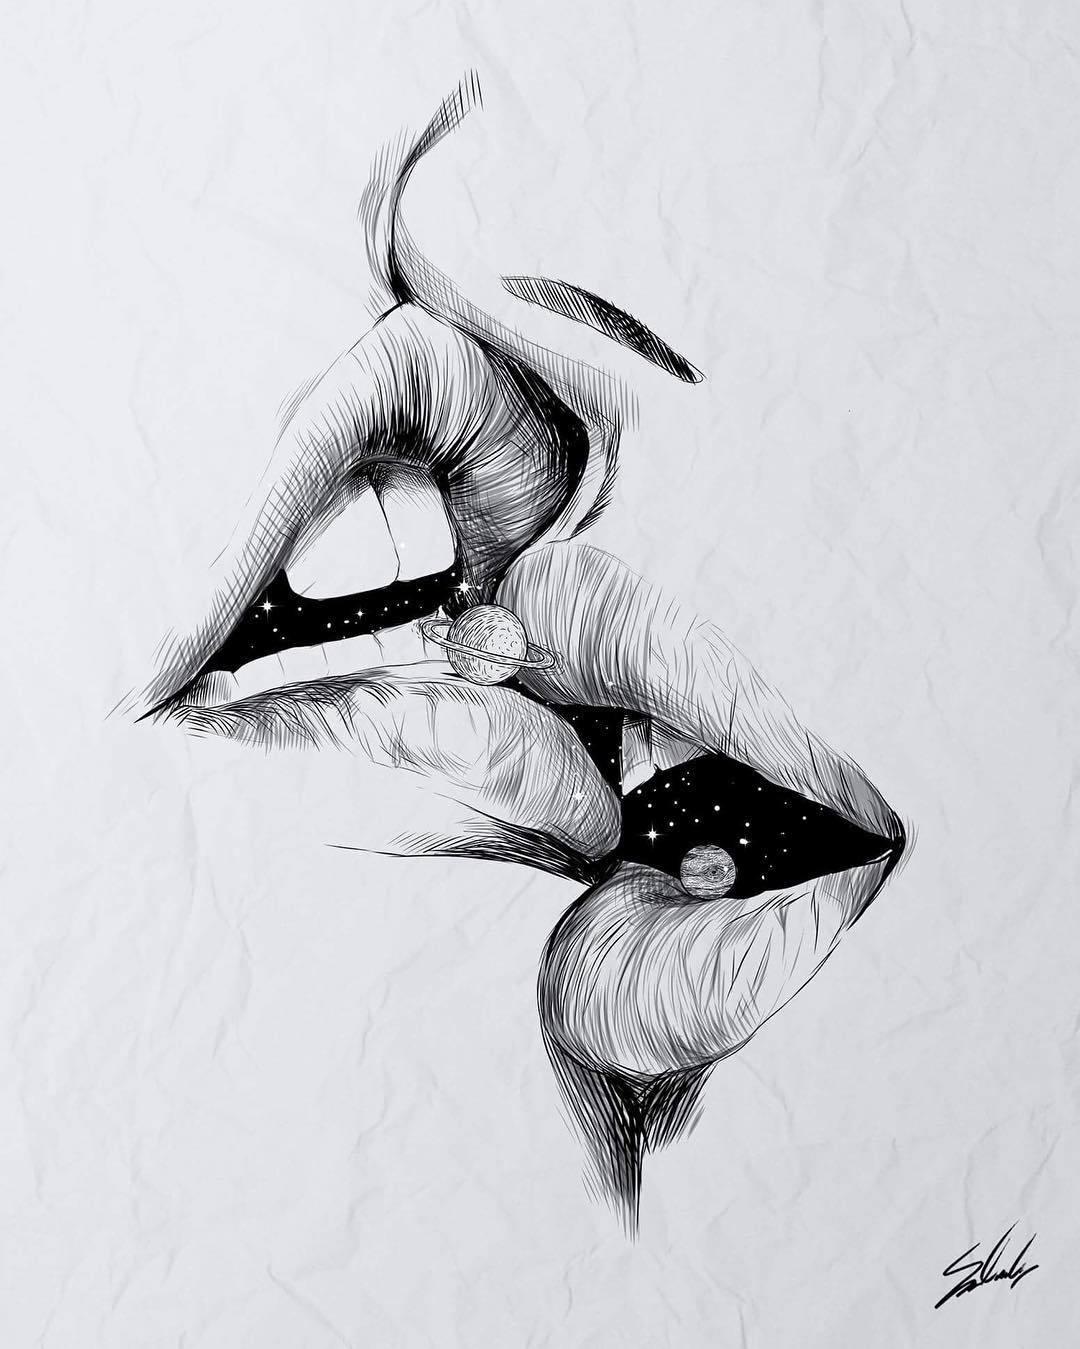 sketch drawing tumblr at